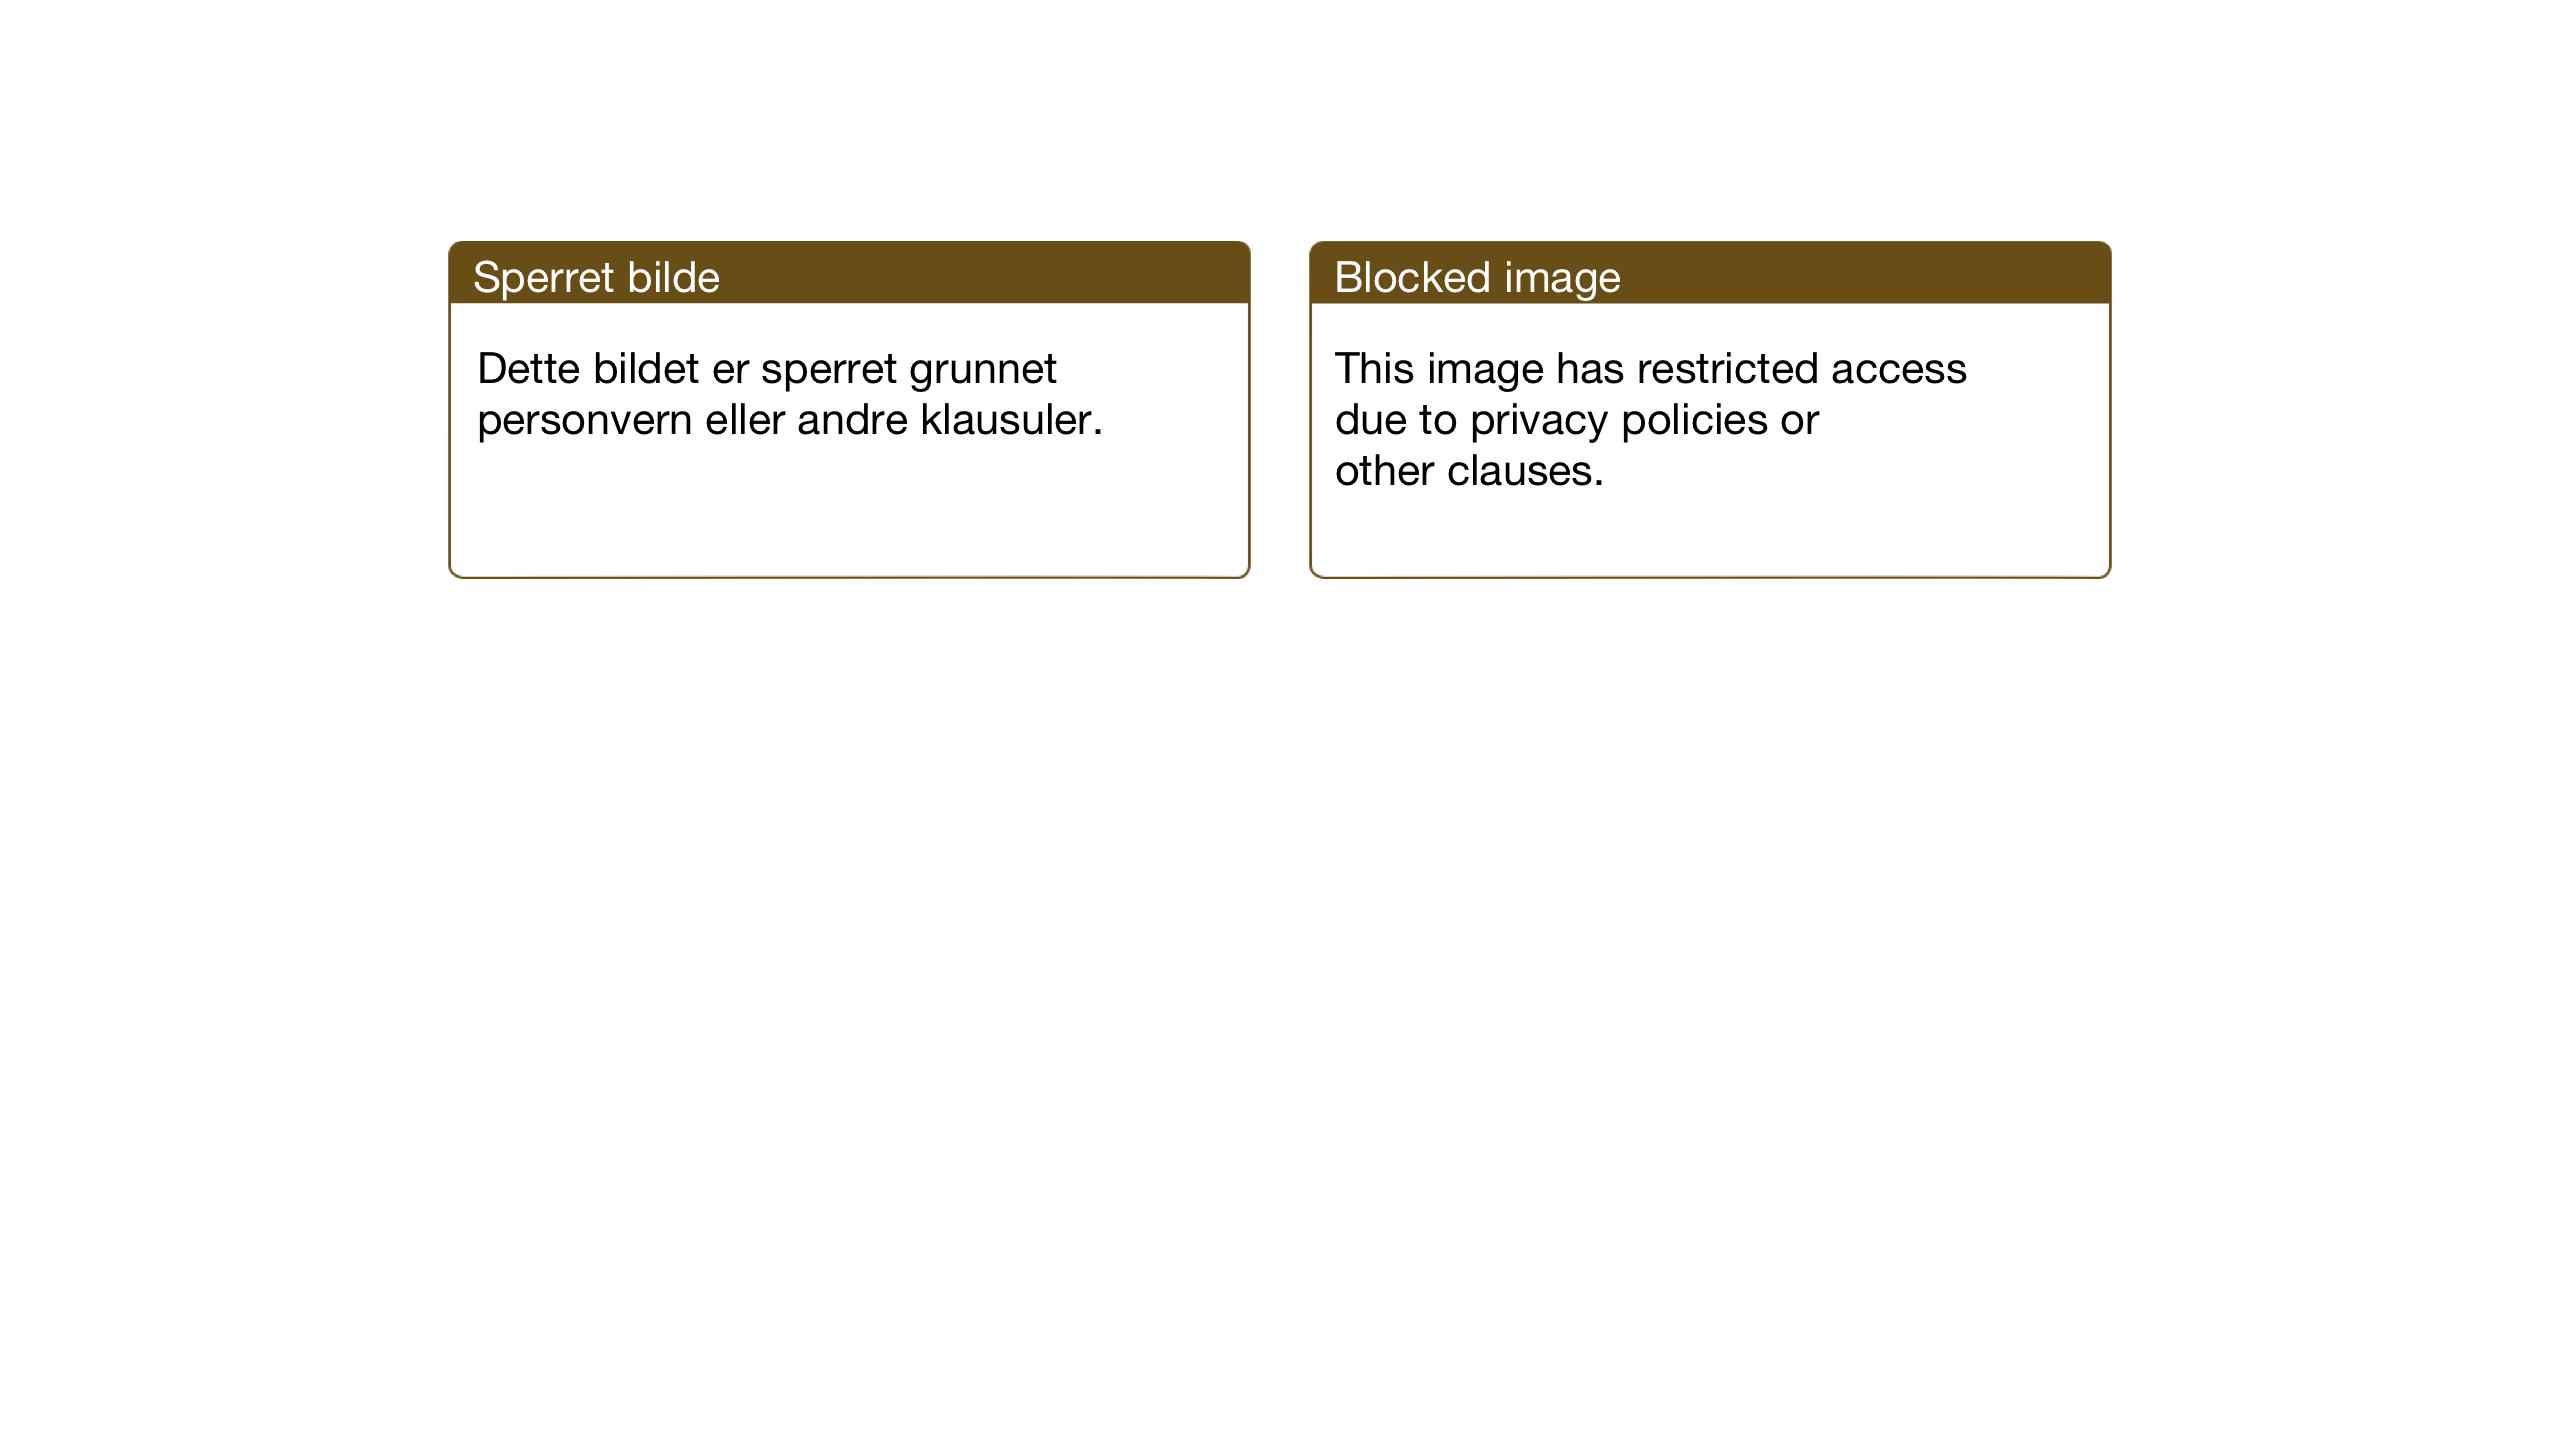 SAT, Ministerialprotokoller, klokkerbøker og fødselsregistre - Nord-Trøndelag, 722/L0227: Klokkerbok nr. 722C03, 1928-1958, s. 123